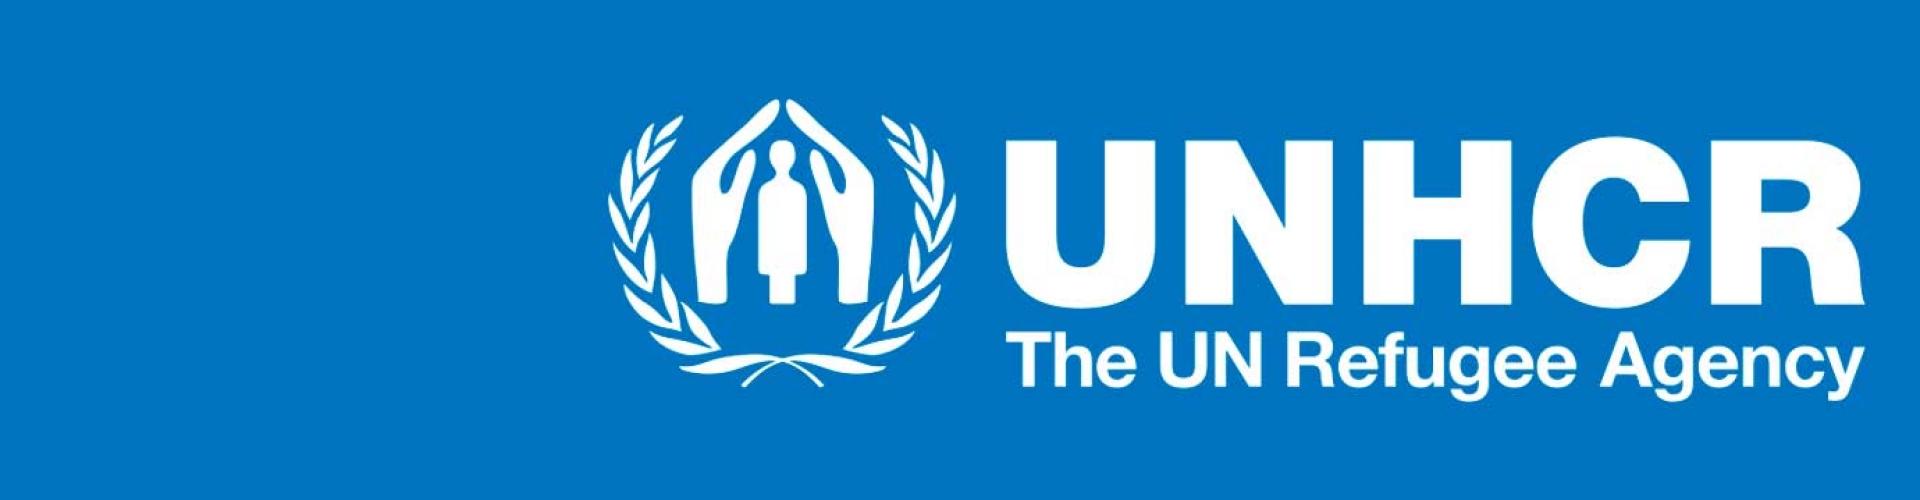 ประกาศสำคัญ เรื่องข้อมูลเท็จเกี่ยวกับการทำงานของ UNHCR ในประเทศไทย